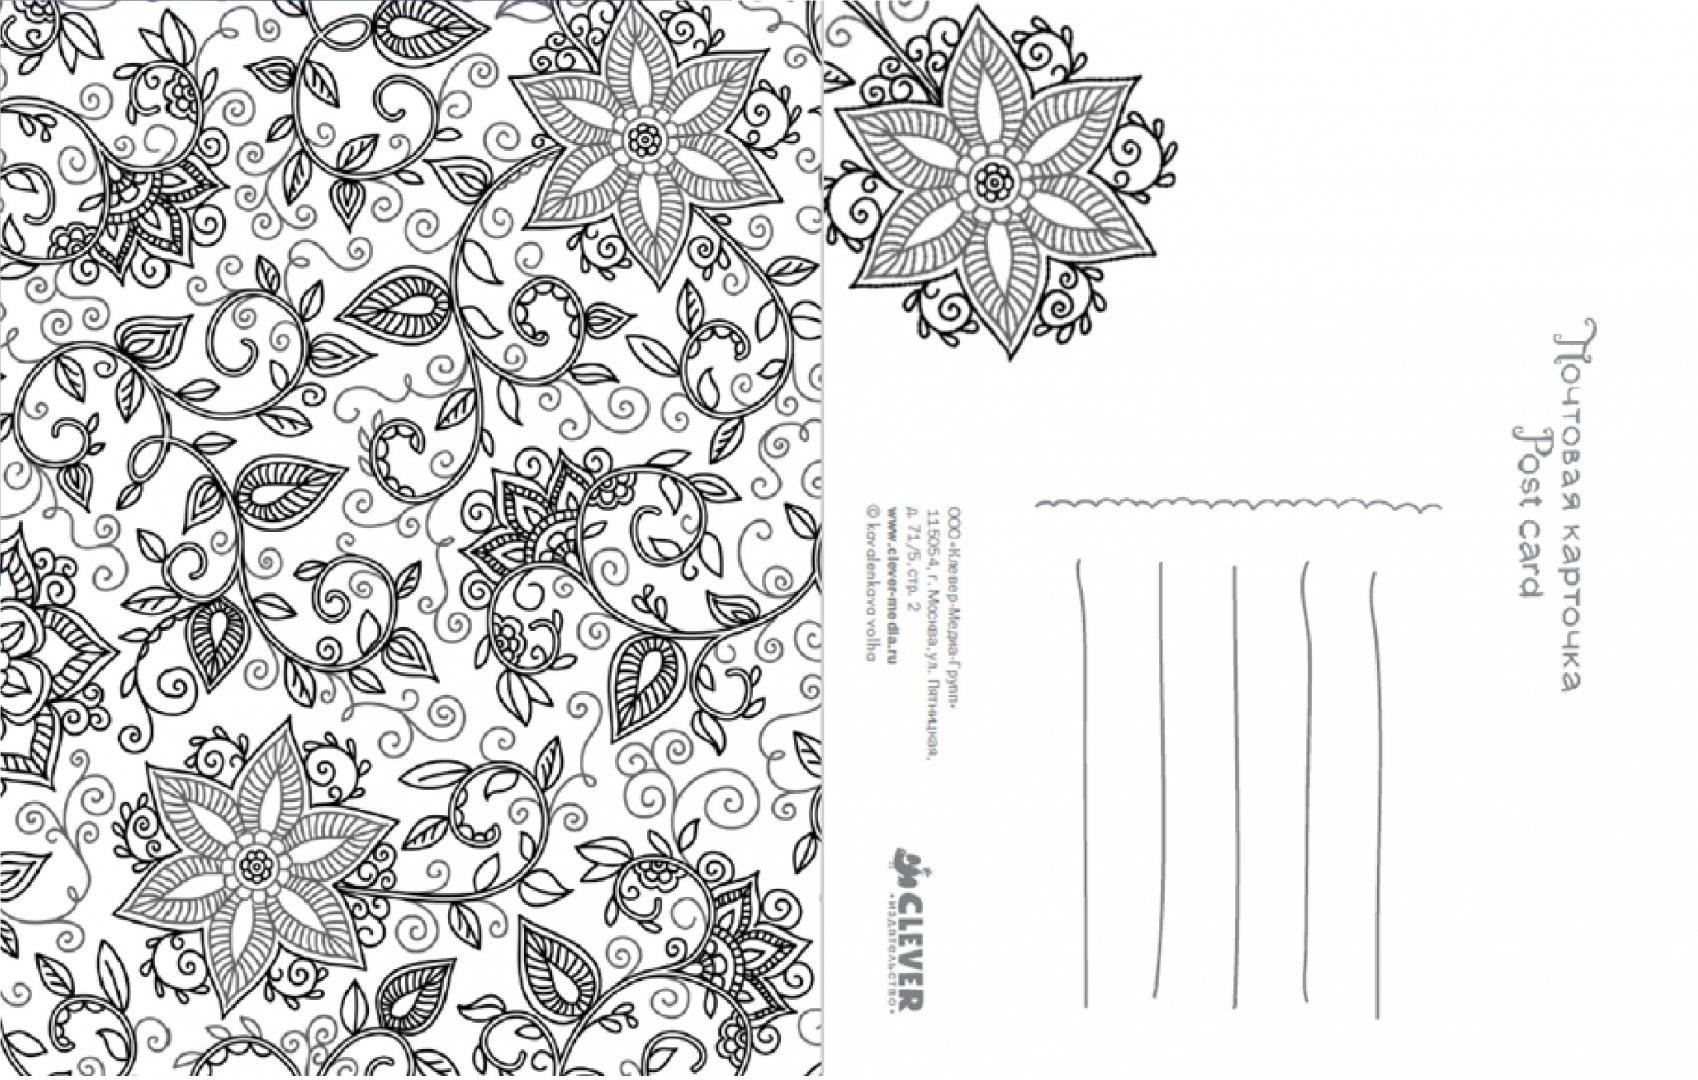 Добавить в закладки набор открыток для раскрашивания открытки-антистресс